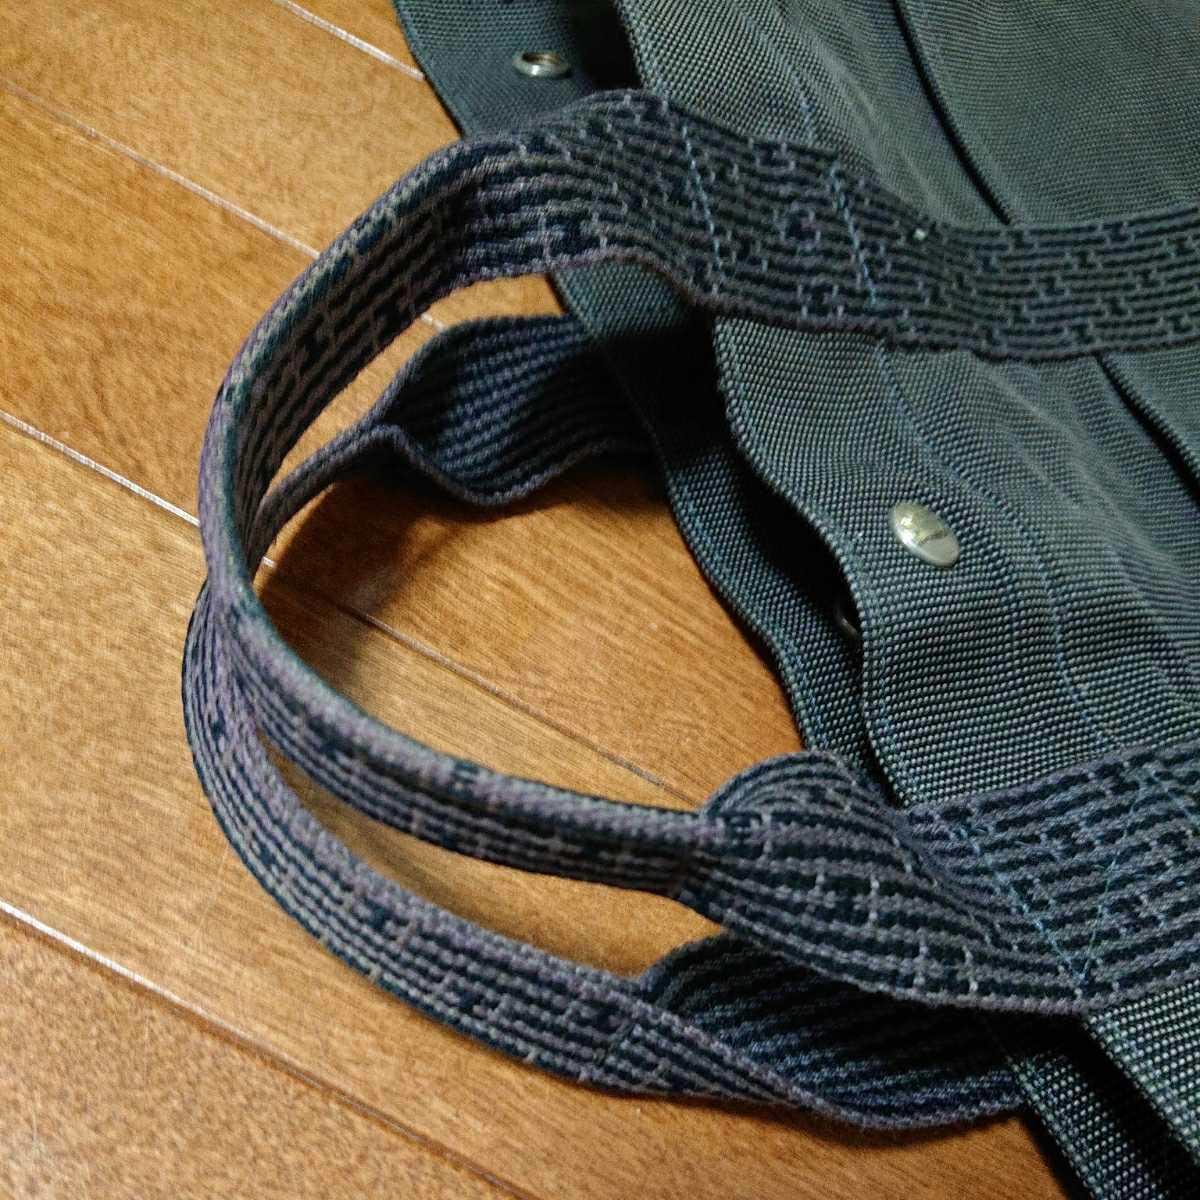 エルメス エルメスエールライン トートバッグ フールトゥ HERMES バッグ 男女兼用 ビジネスカバン 鞄 かばん 黒 ブラック_画像5